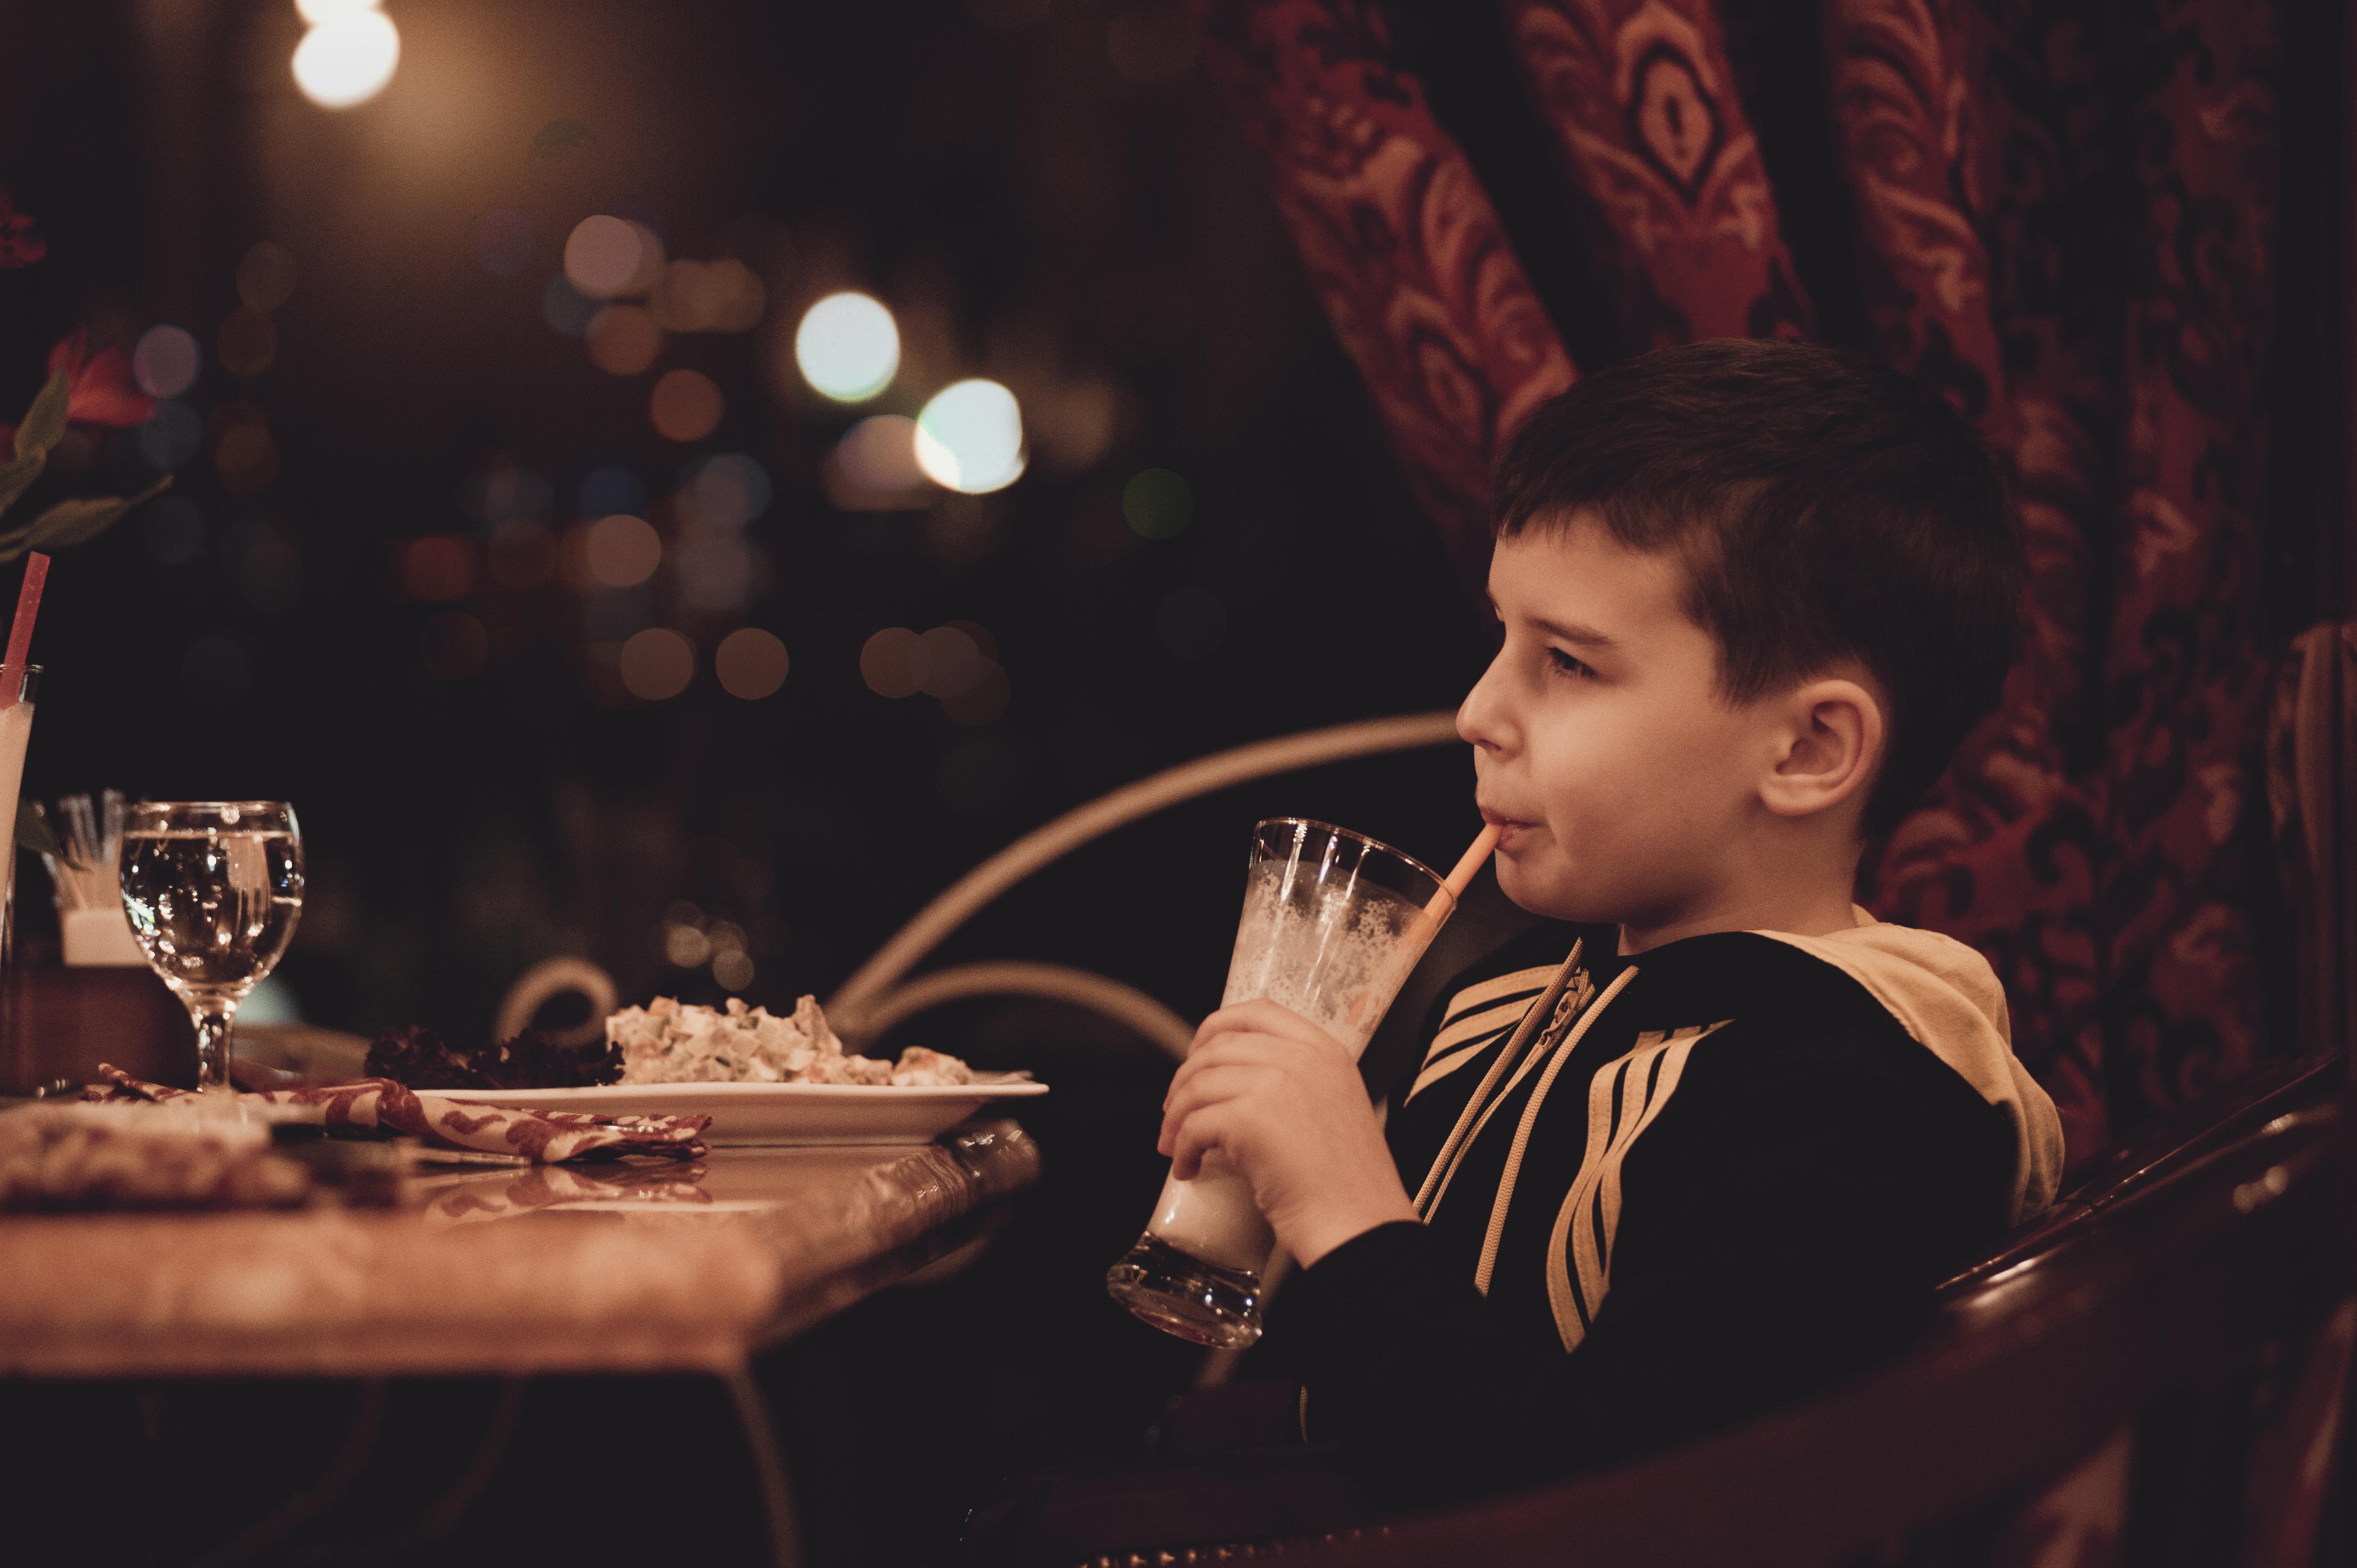 Como Fazer Os Filhos Ajudarem Nas Tarefas Domésticas